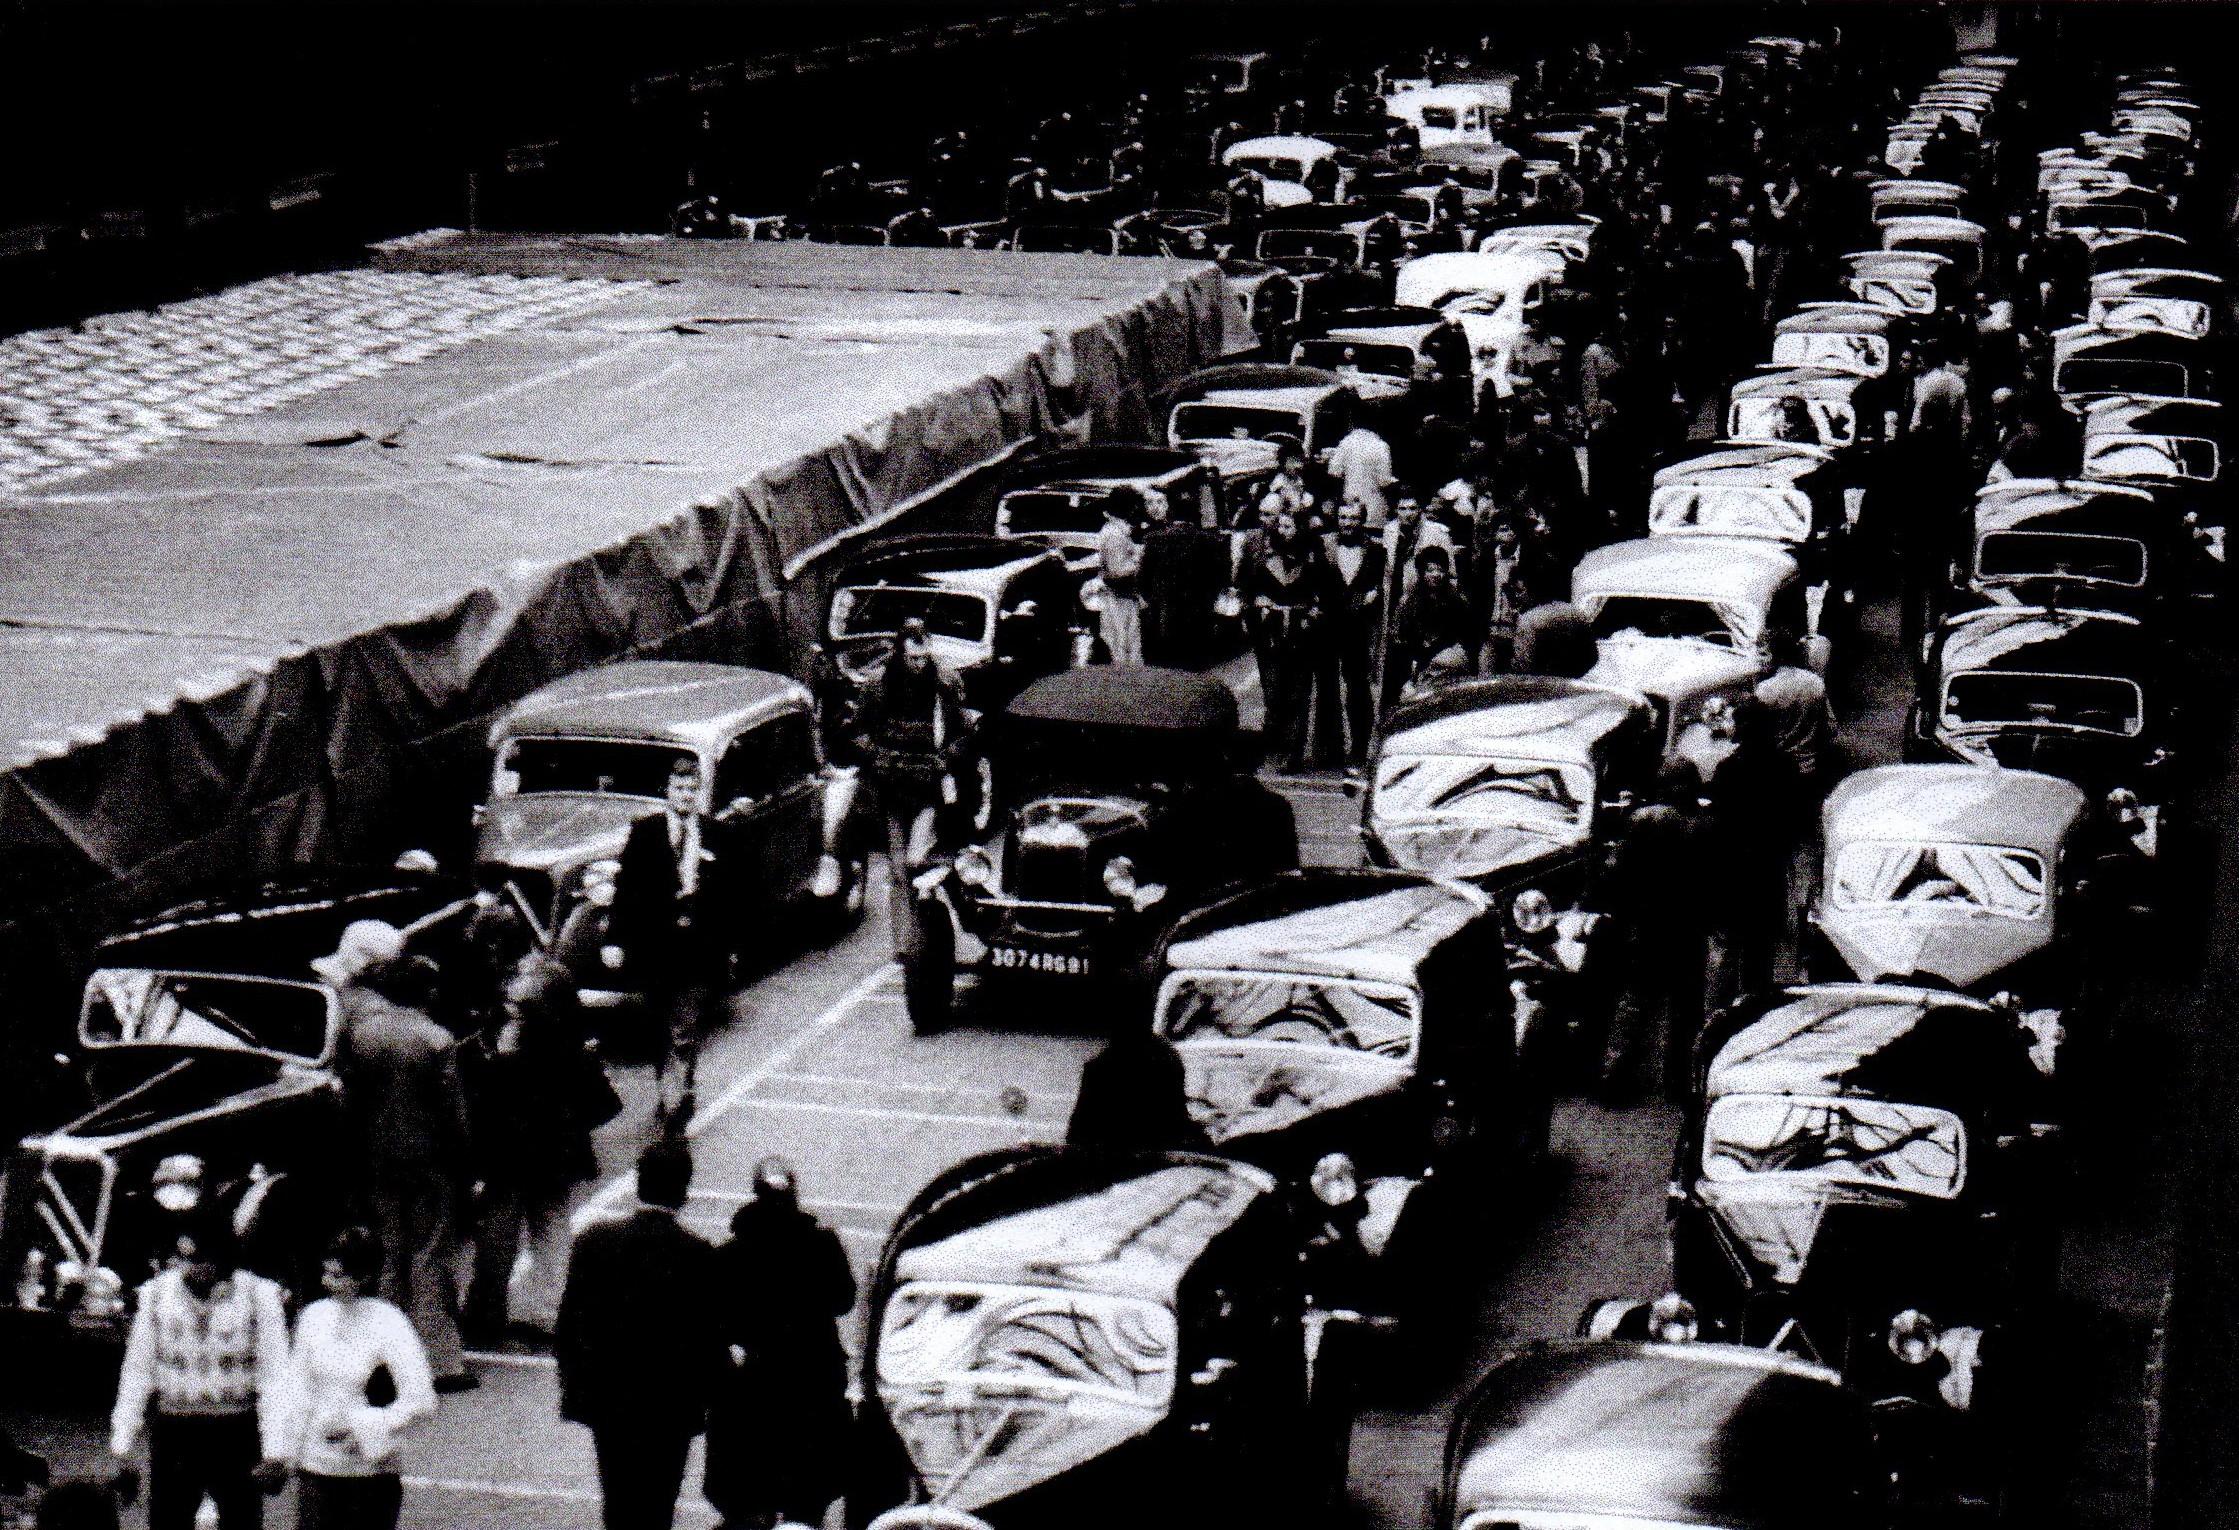 27 mars 1976 - 150 voitures pour l'adieu à Javel